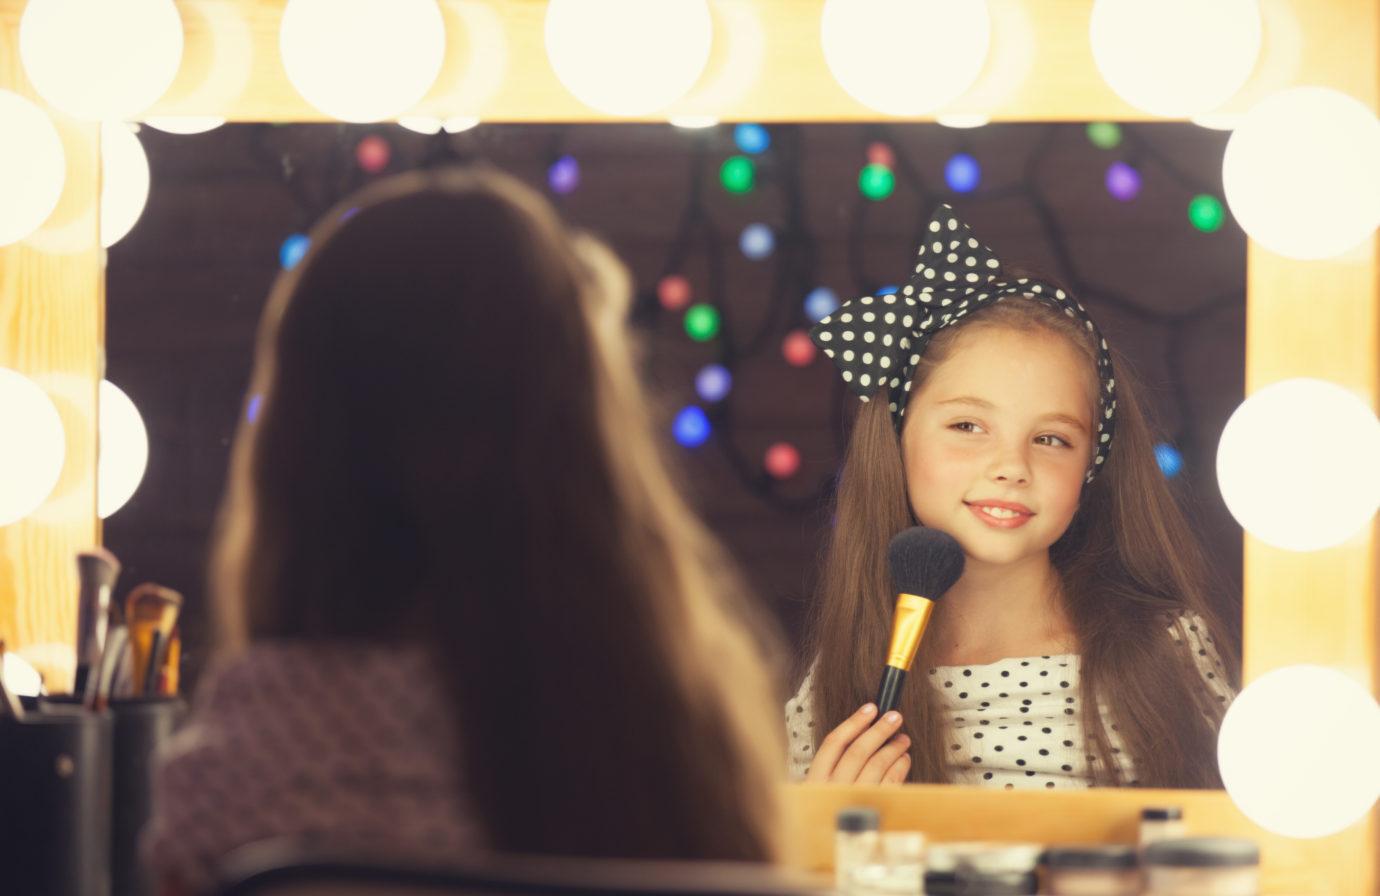 foster to adopt AZ children gains celebrity support